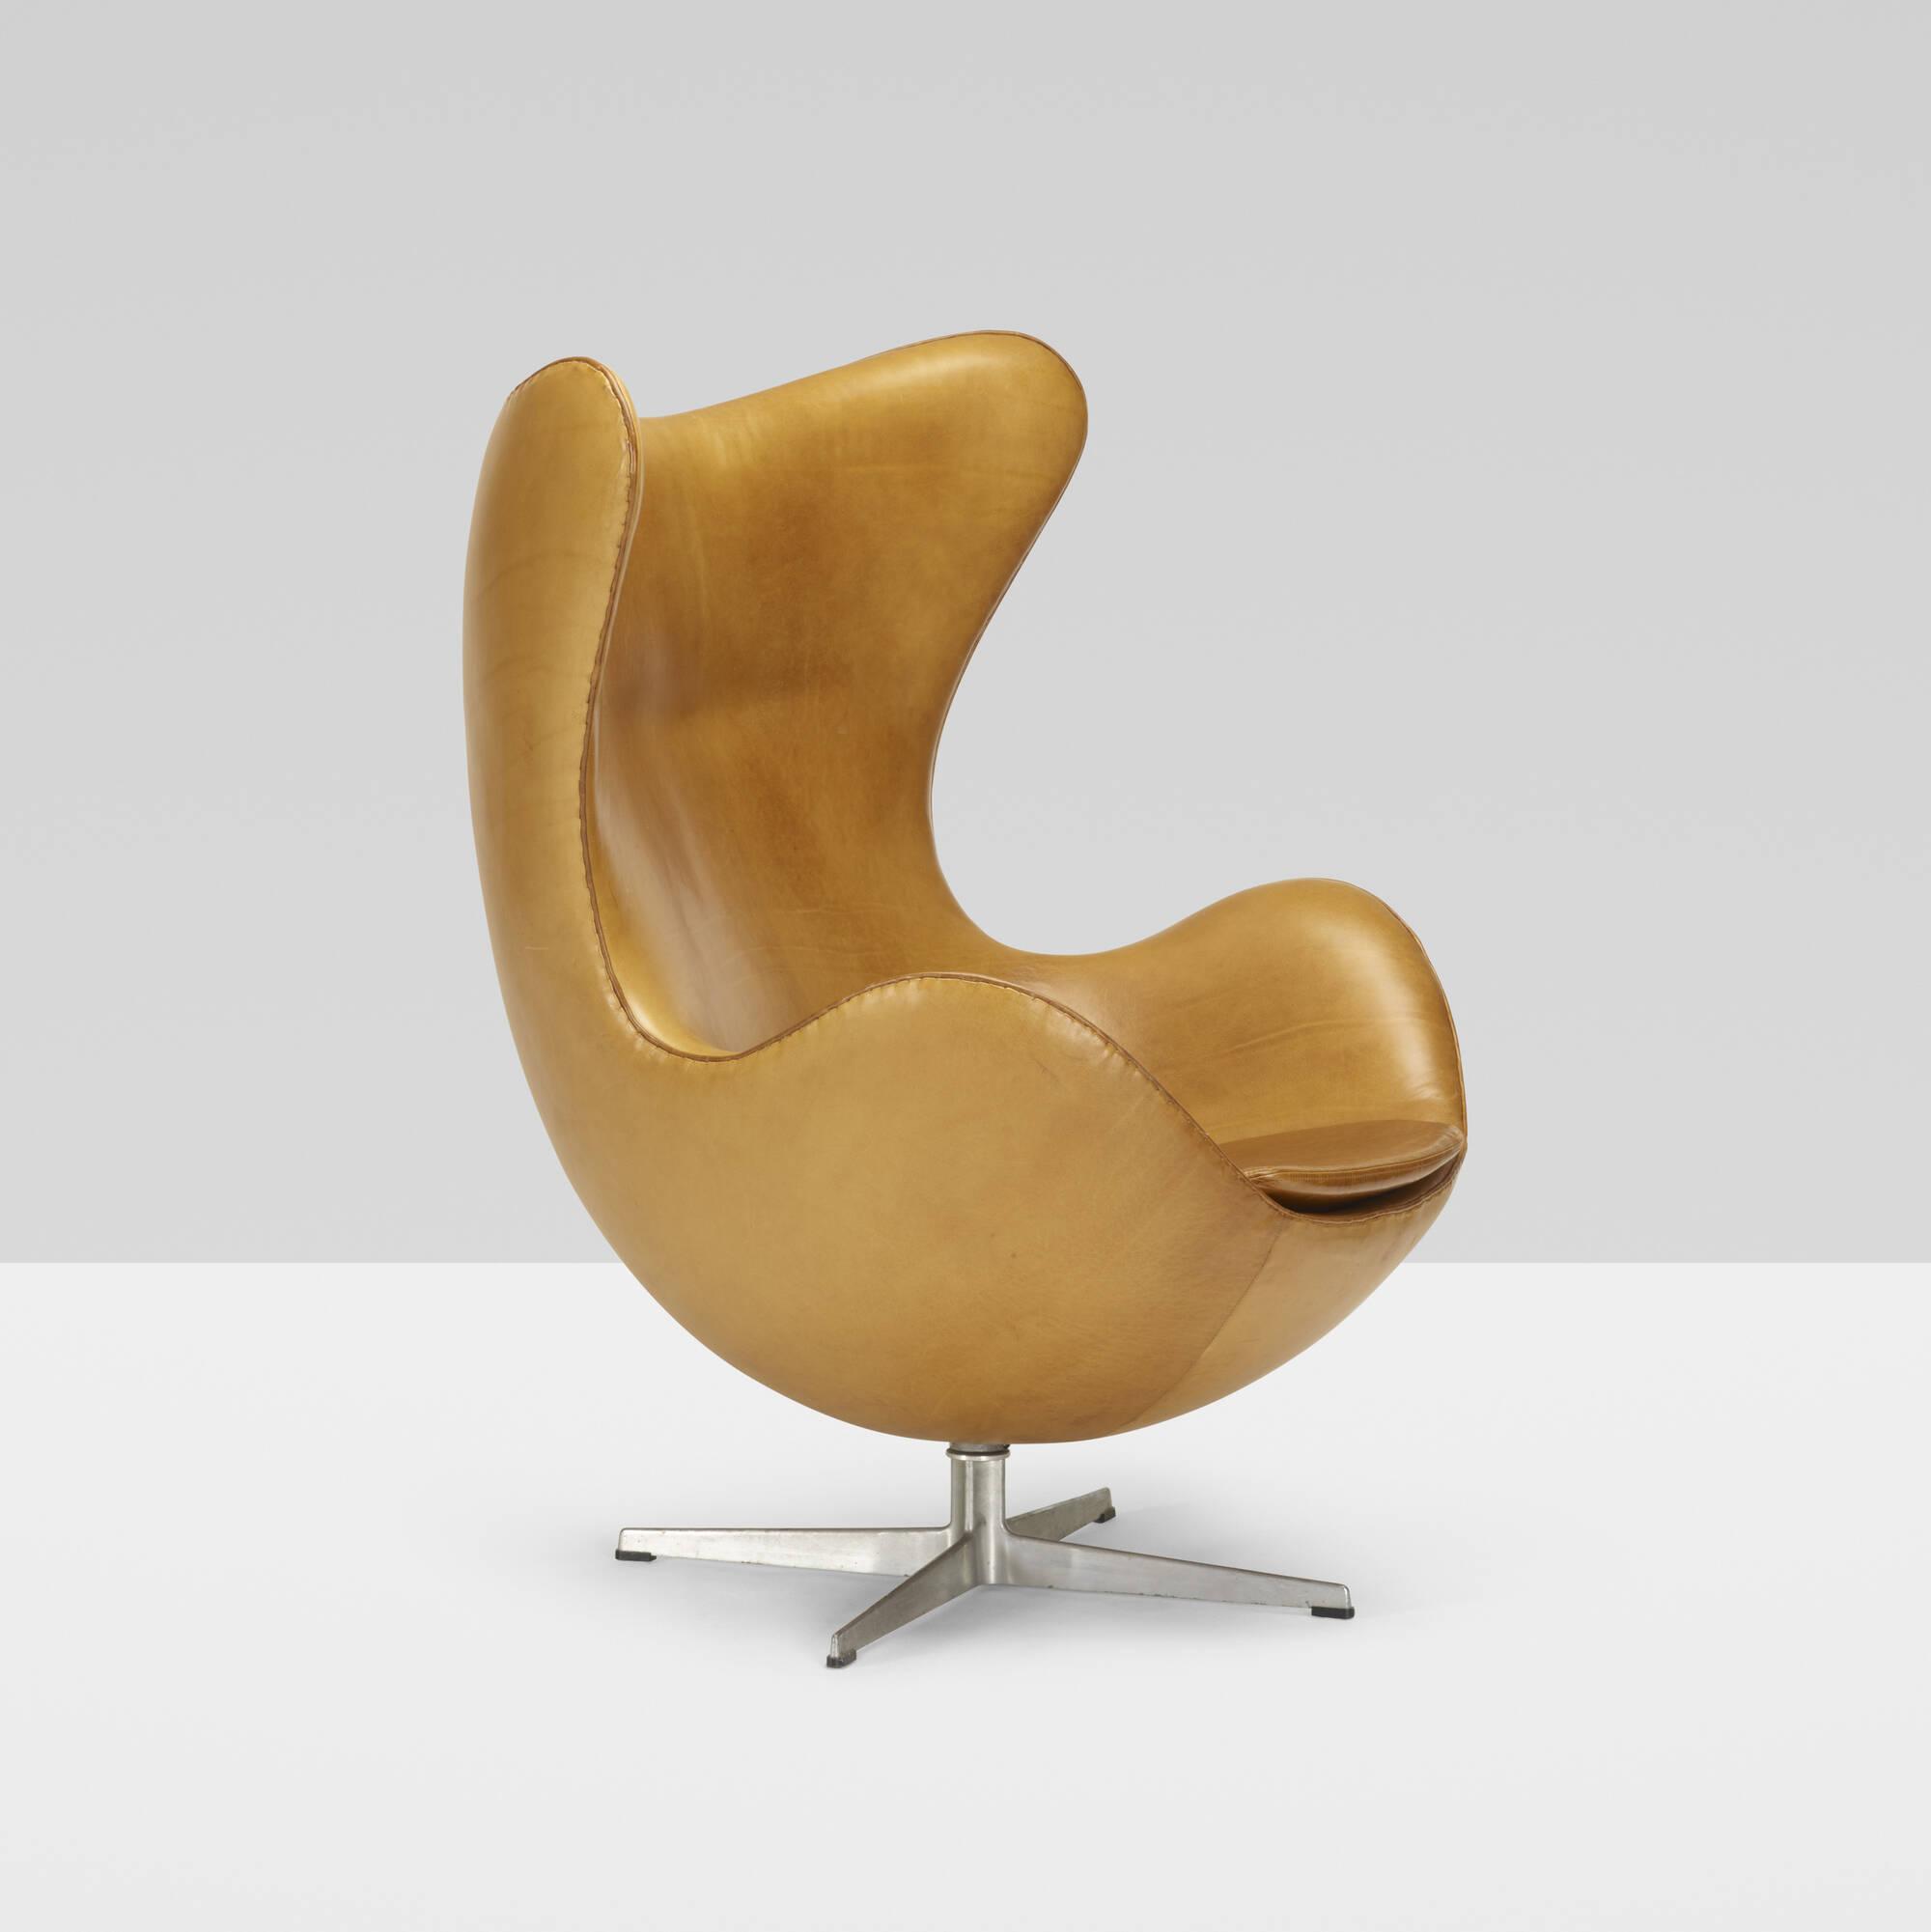 146 ARNE JACOBSEN Egg chair